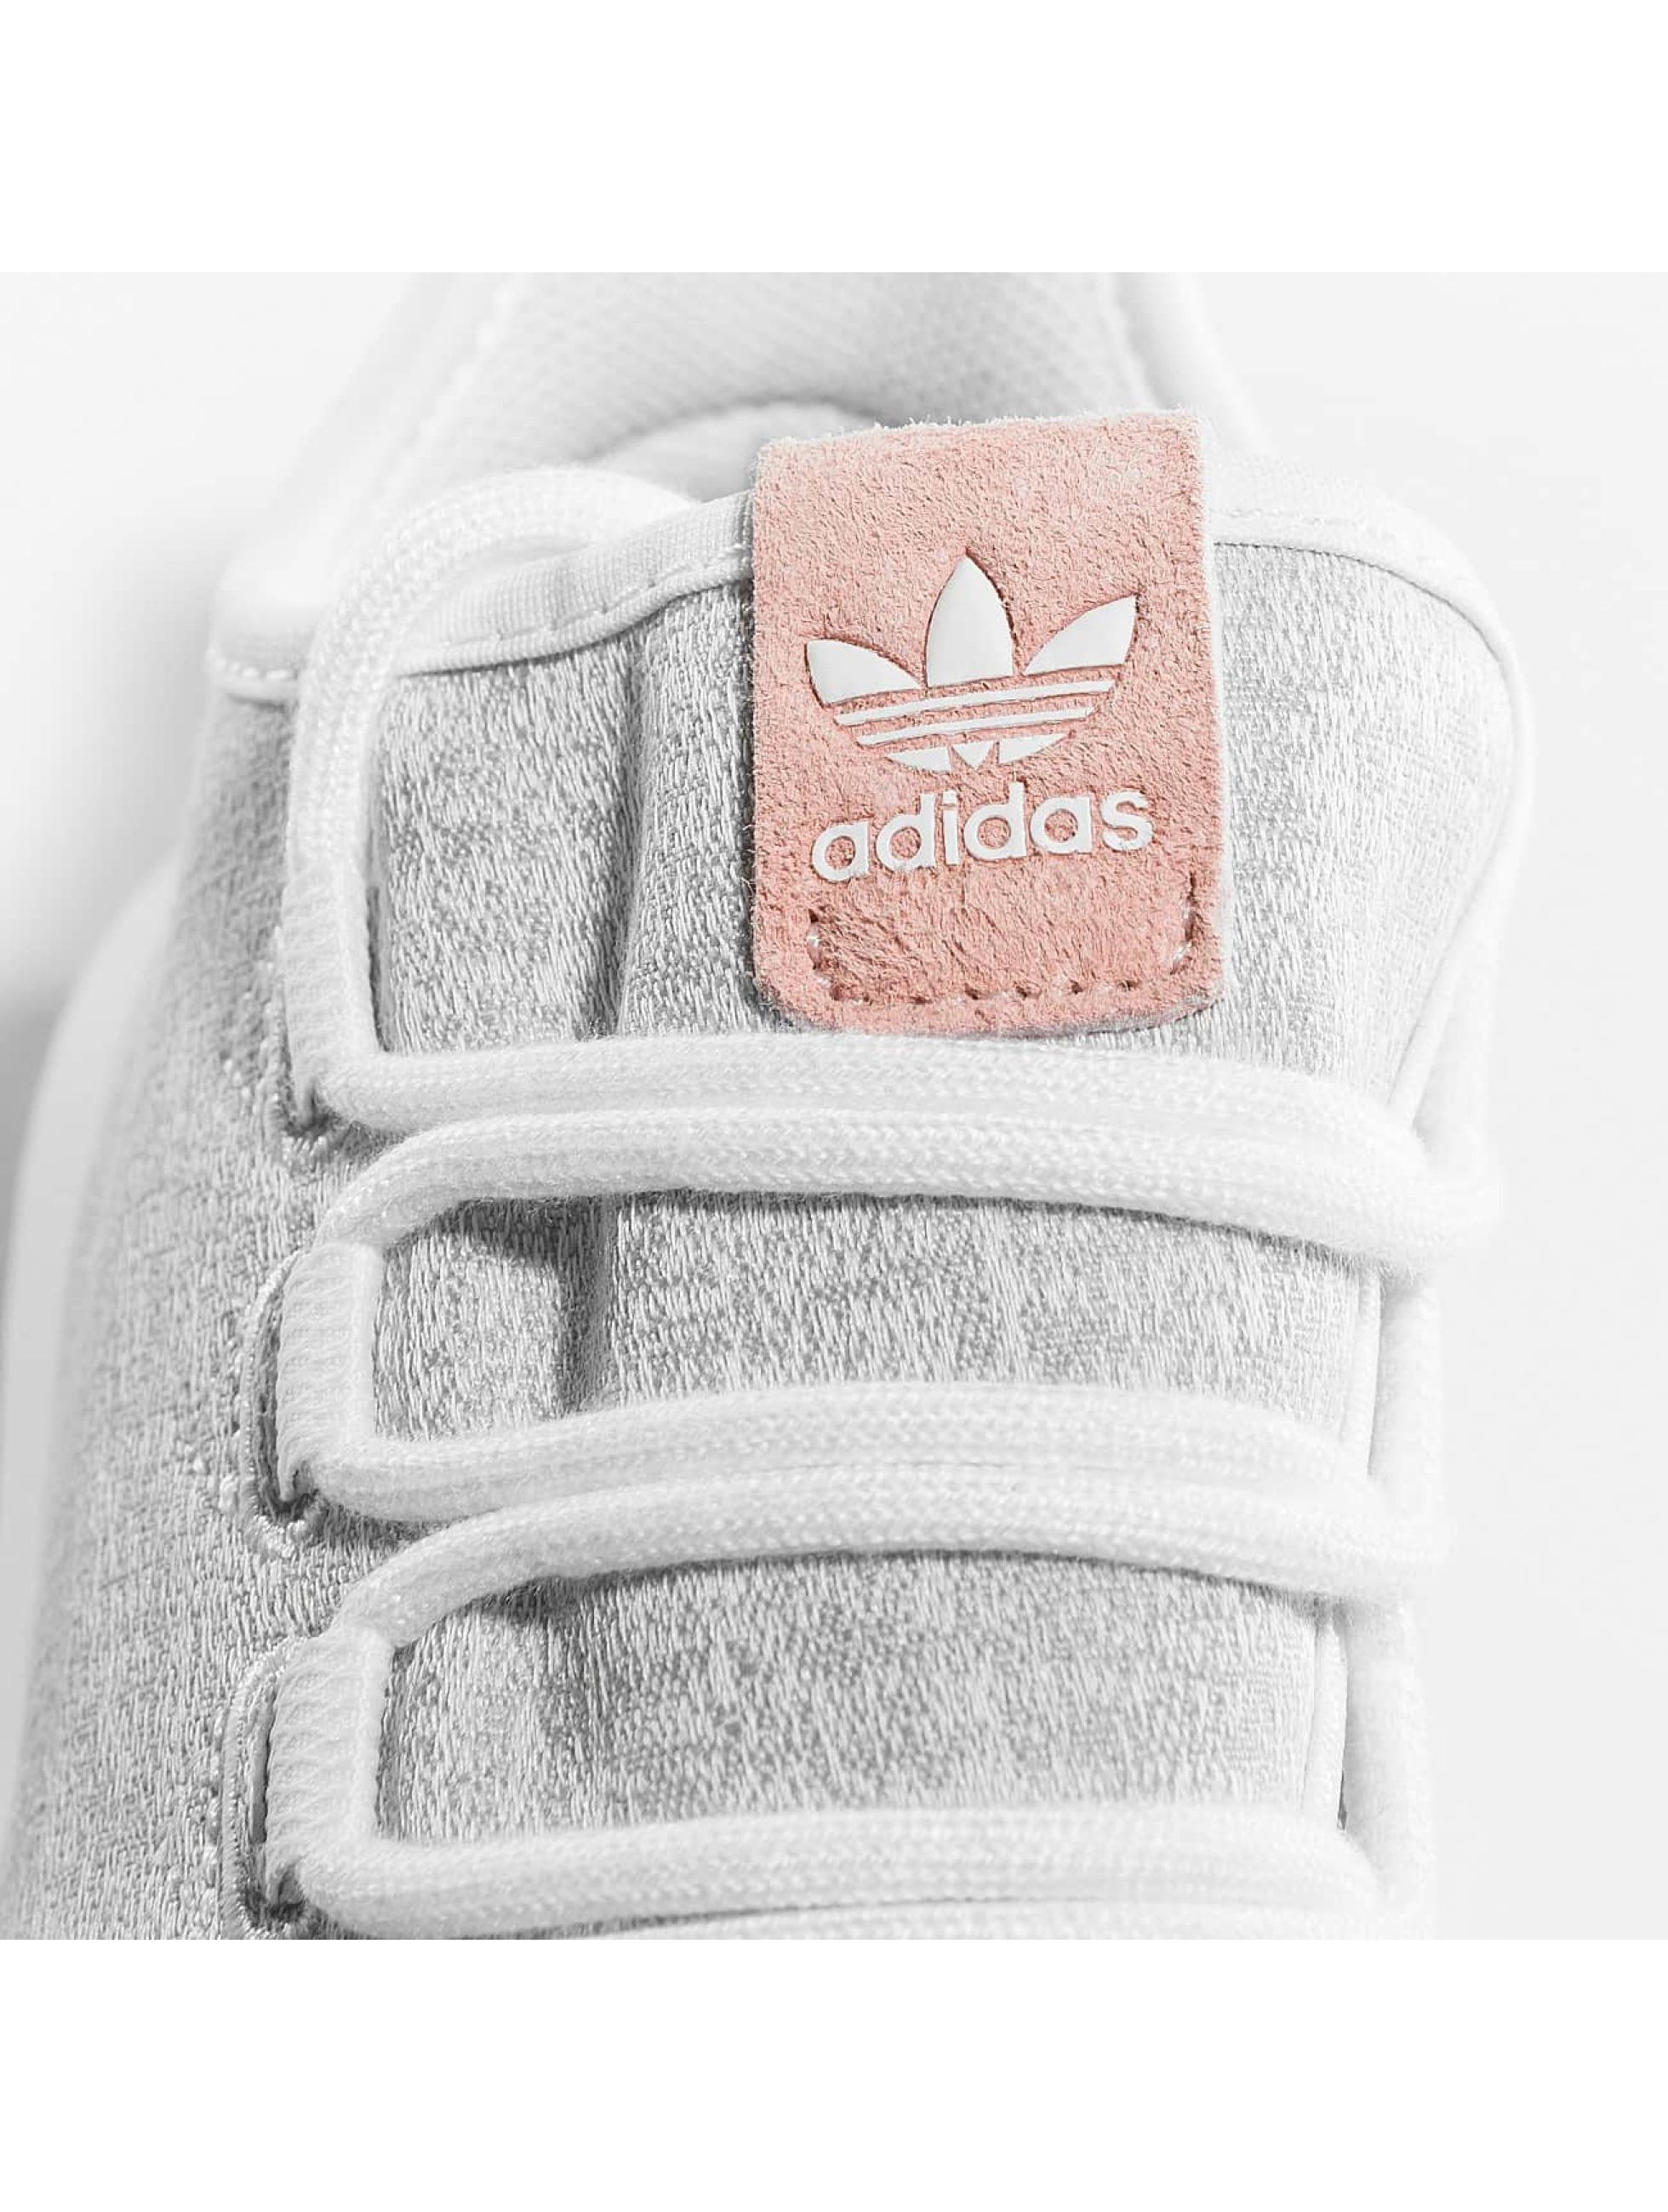 adidas Sneakers Tubular Shadow W white